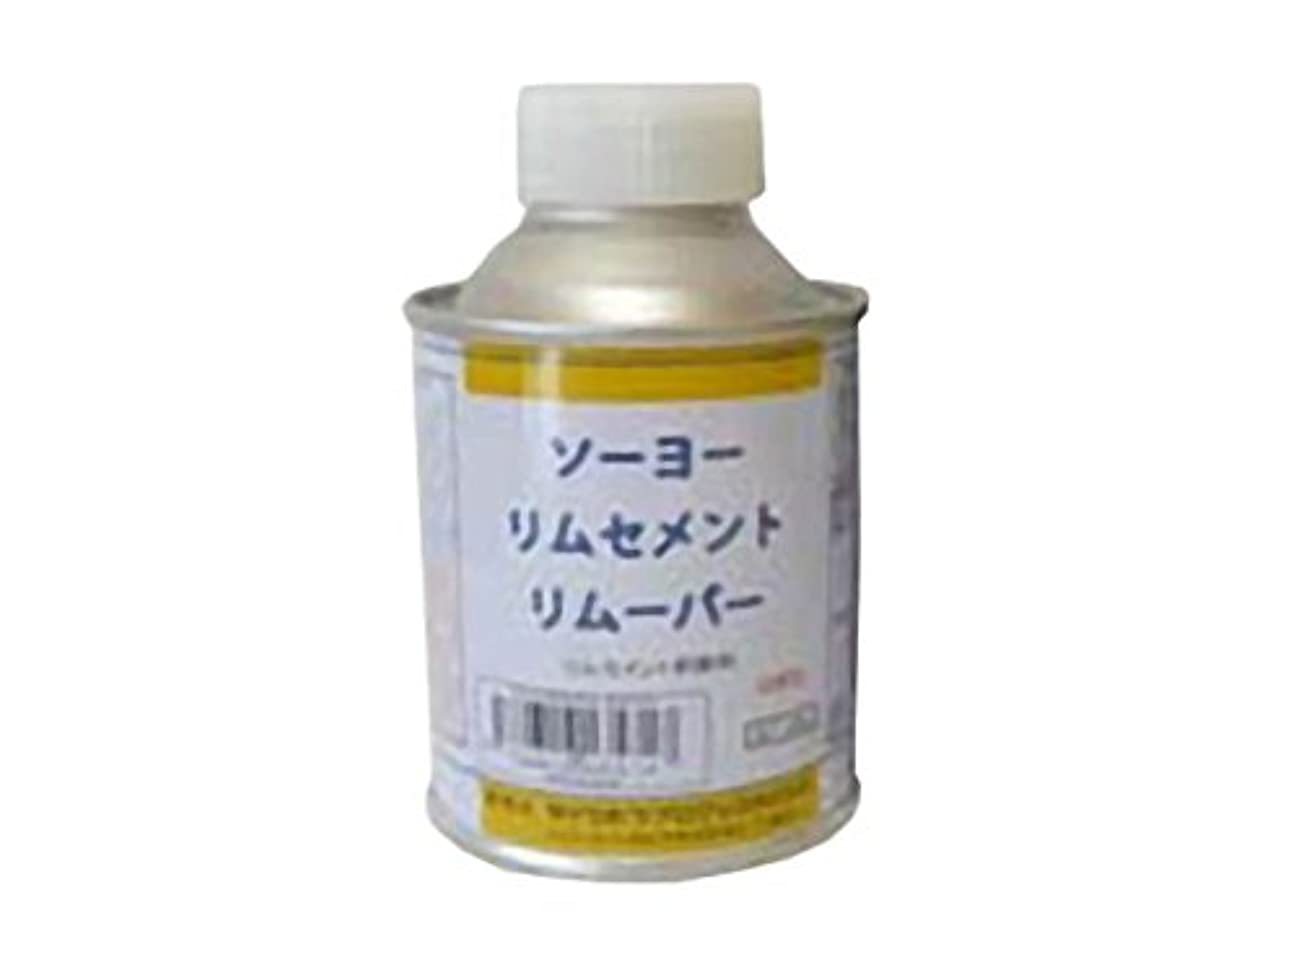 合唱団ノーブル防腐剤SOYO TYRE (ソーヨータイヤ) リムセメントリムーバー 1個 缶入100cc